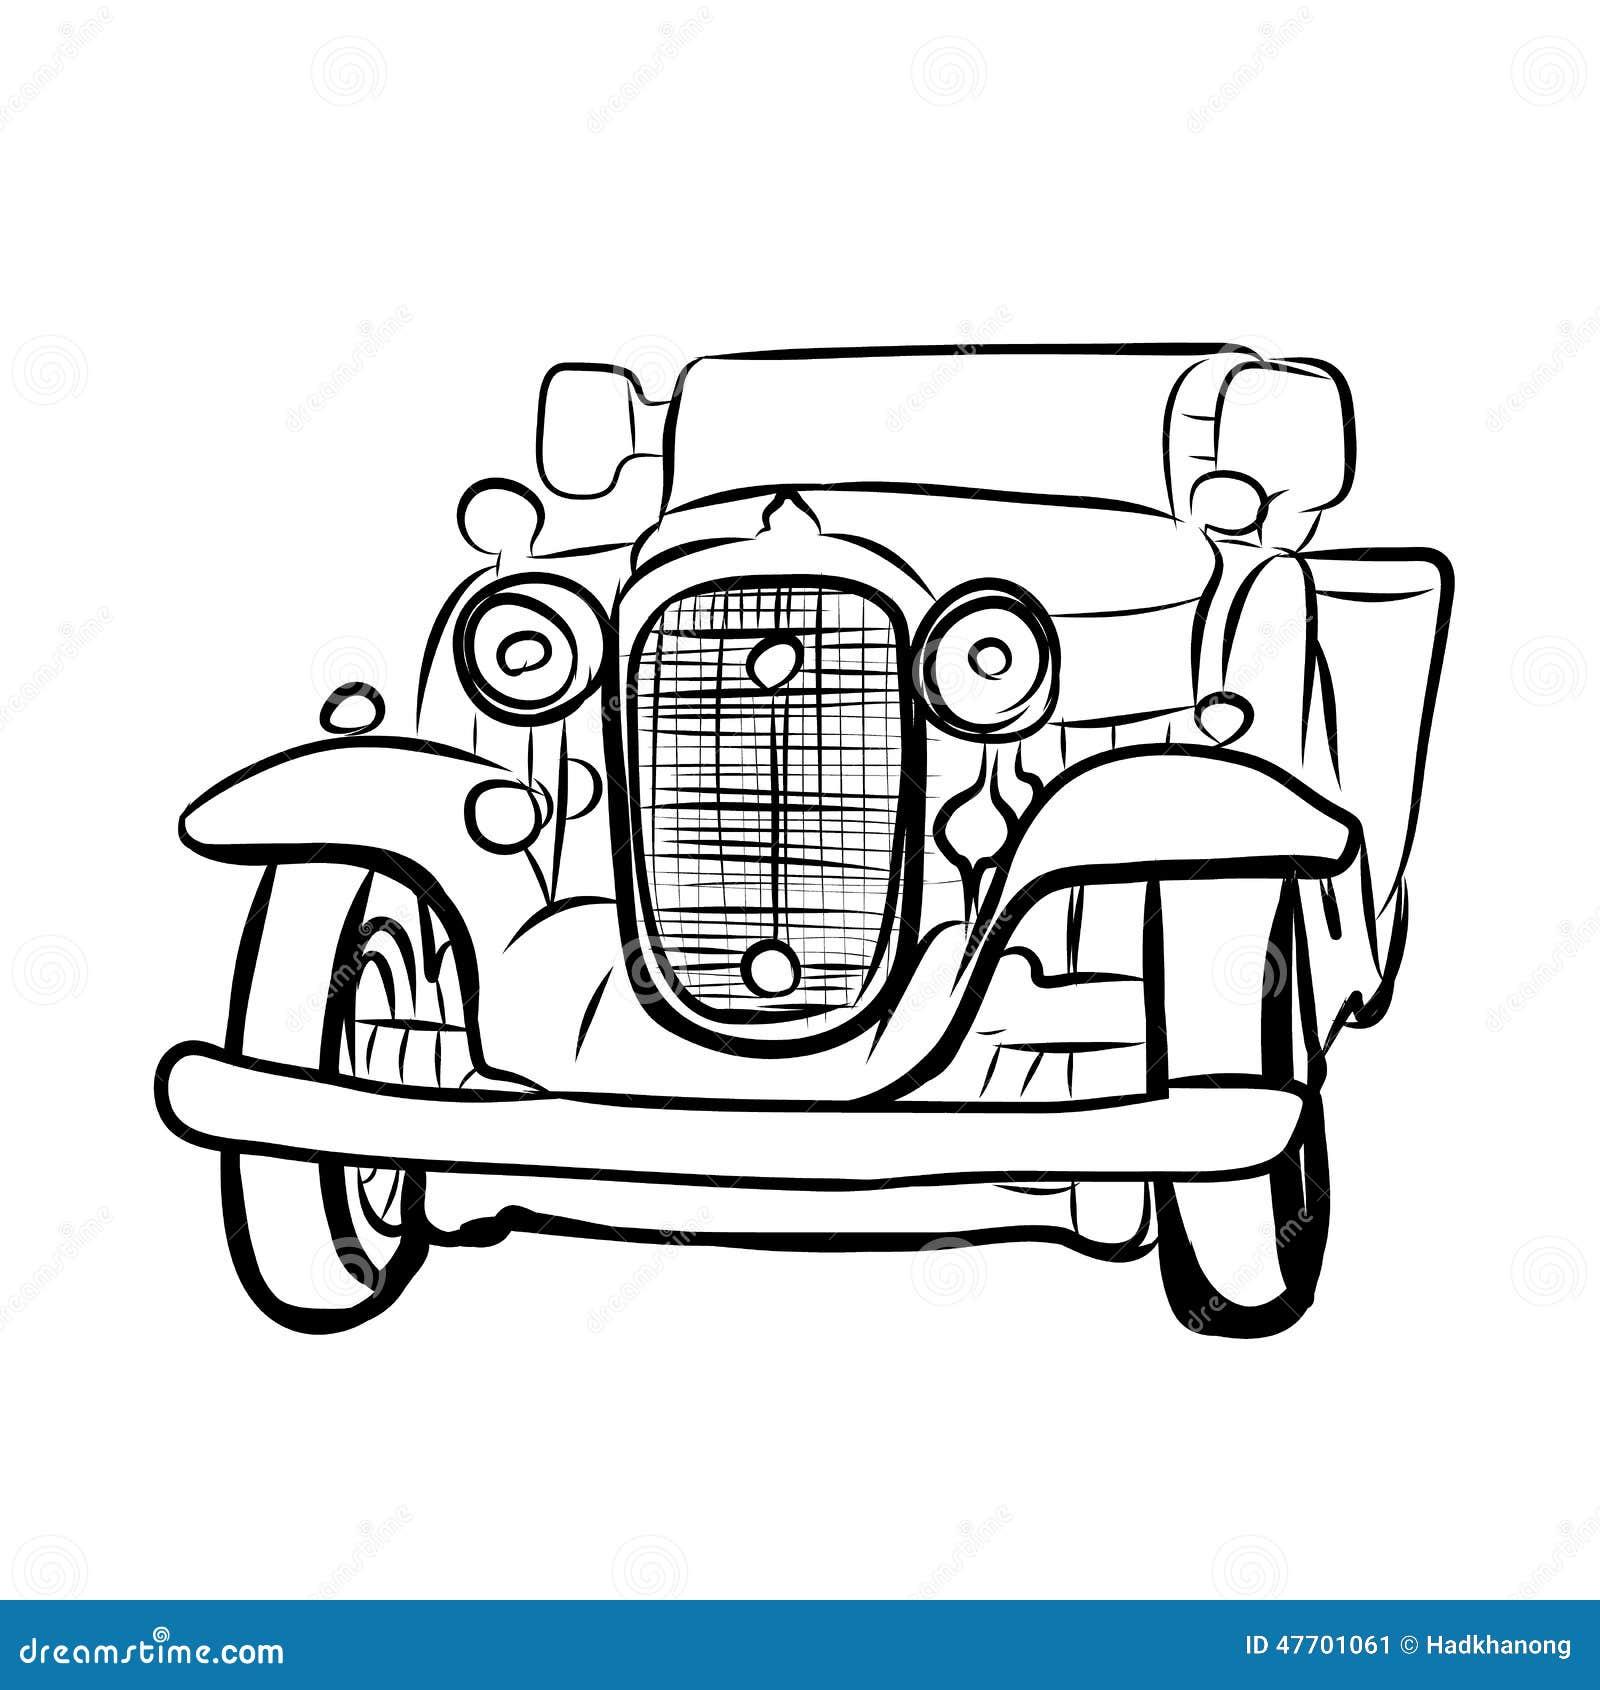 dessin de vieille voiture de vintage illustration de vecteur image 47701061. Black Bedroom Furniture Sets. Home Design Ideas